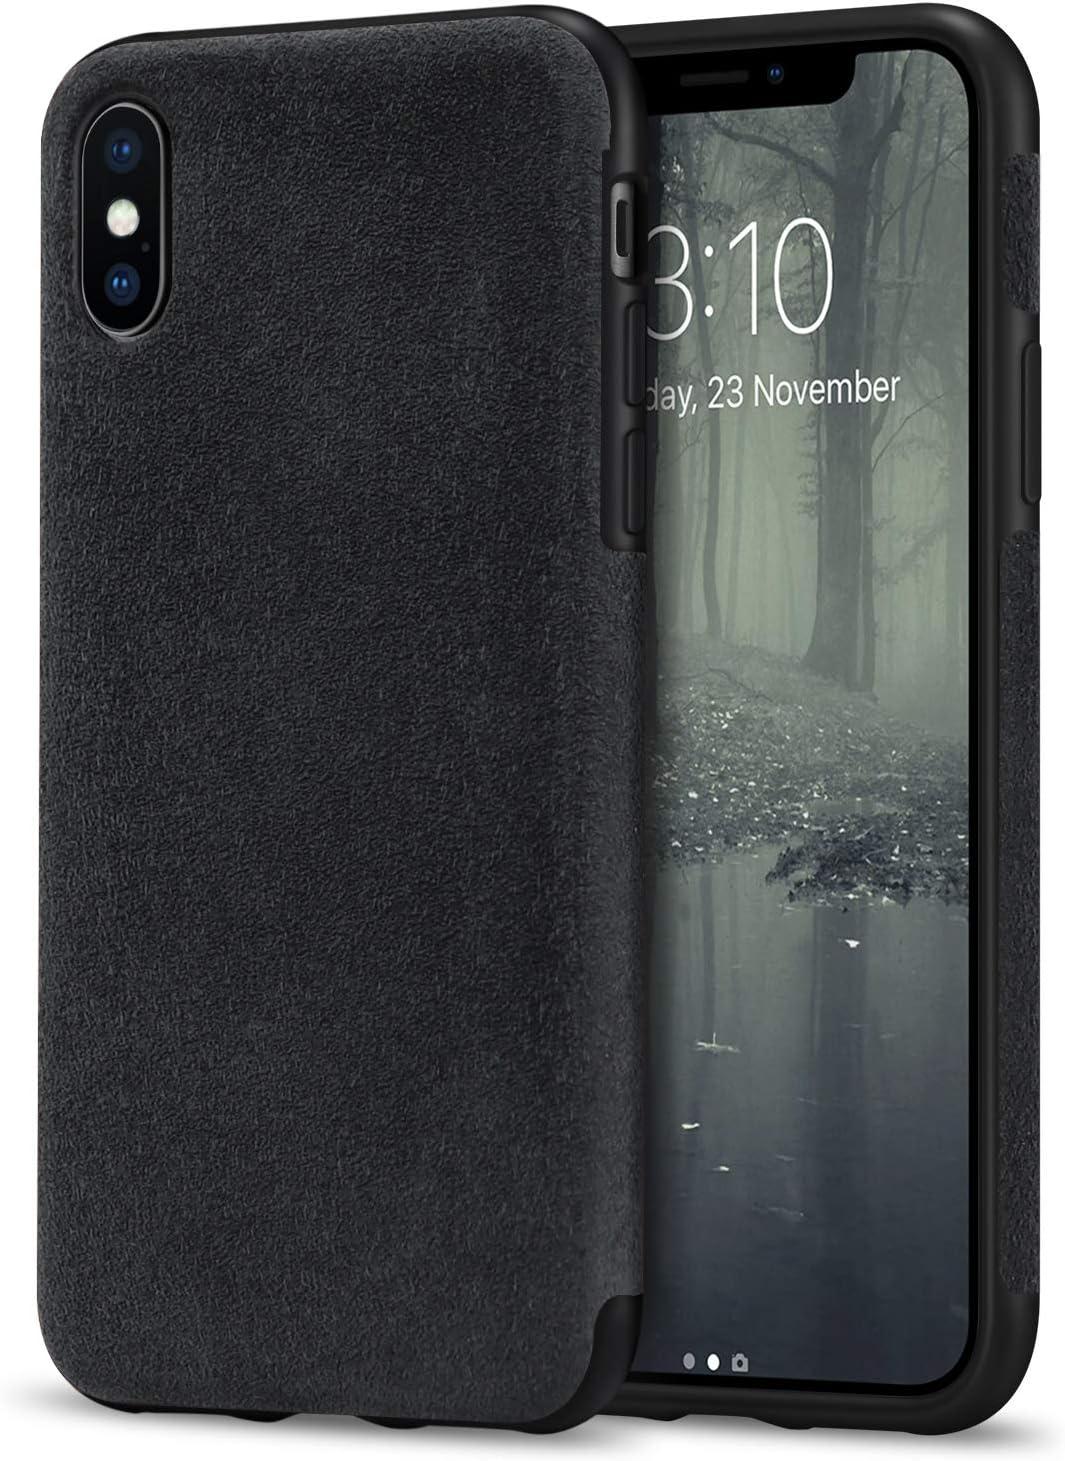 TENDLIN Funda iPhone XS/Funda iPhone X Hecho de Alcantara Material Carcasa de Híbrida de Cuero (Negro): Amazon.es: Electrónica